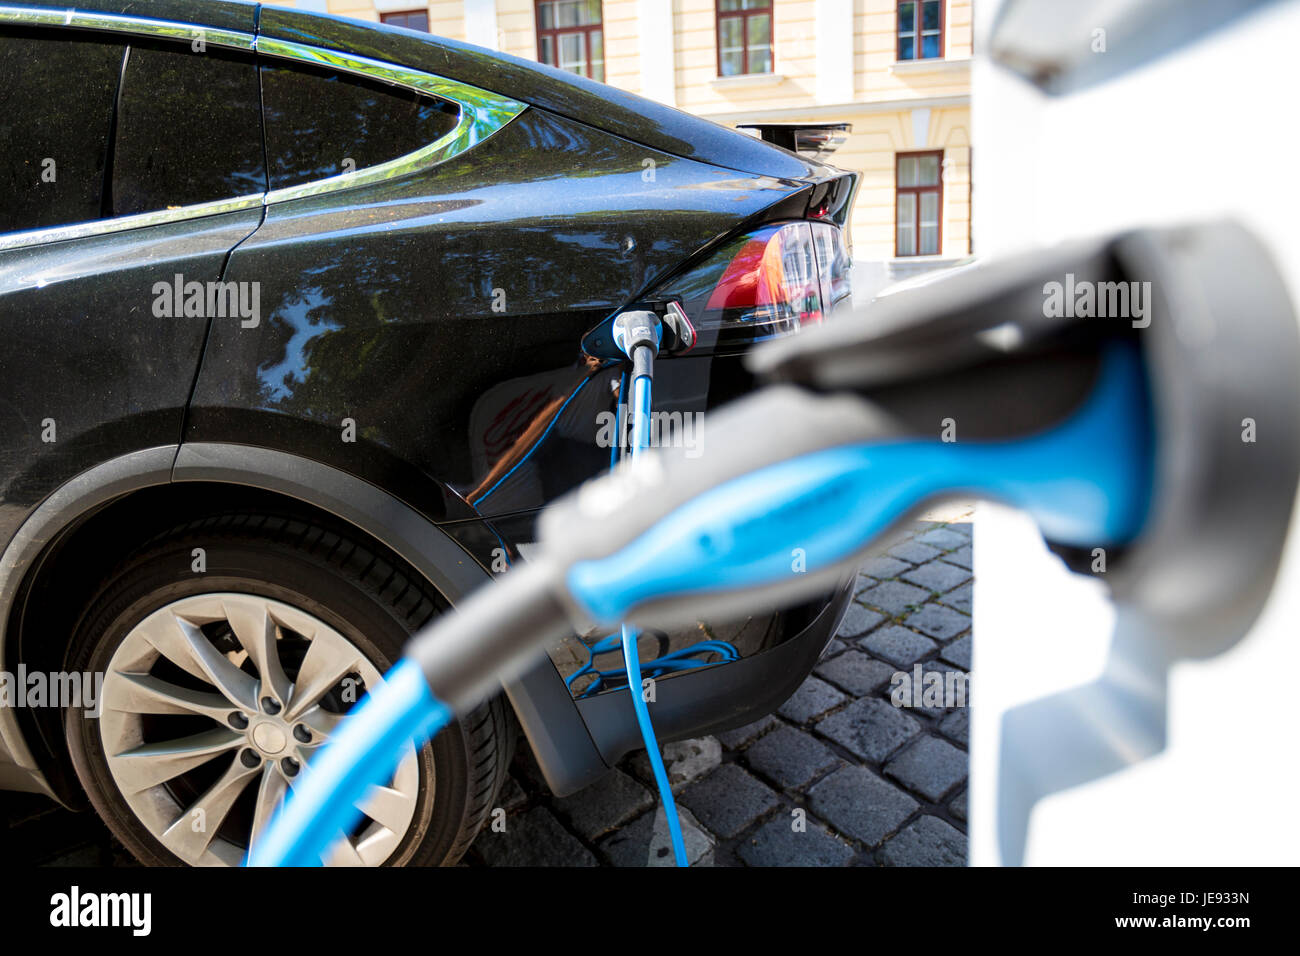 Cerca de la fuente de alimentación enchufada en un coche eléctrico está cargando Imagen De Stock